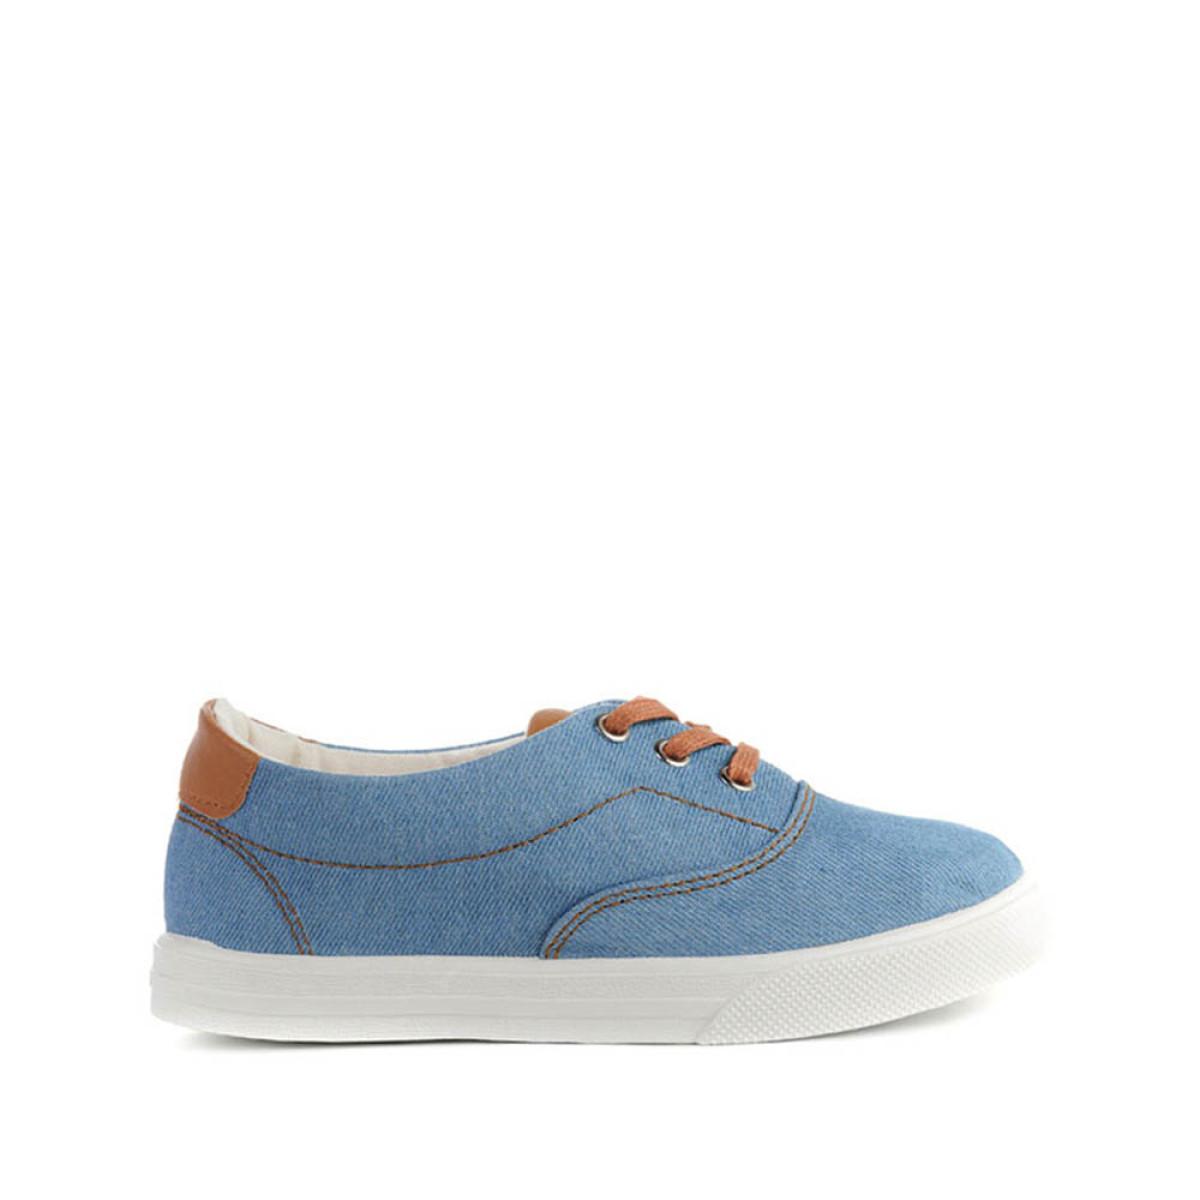 Kid's Sneakers BROOKLYN, Blue